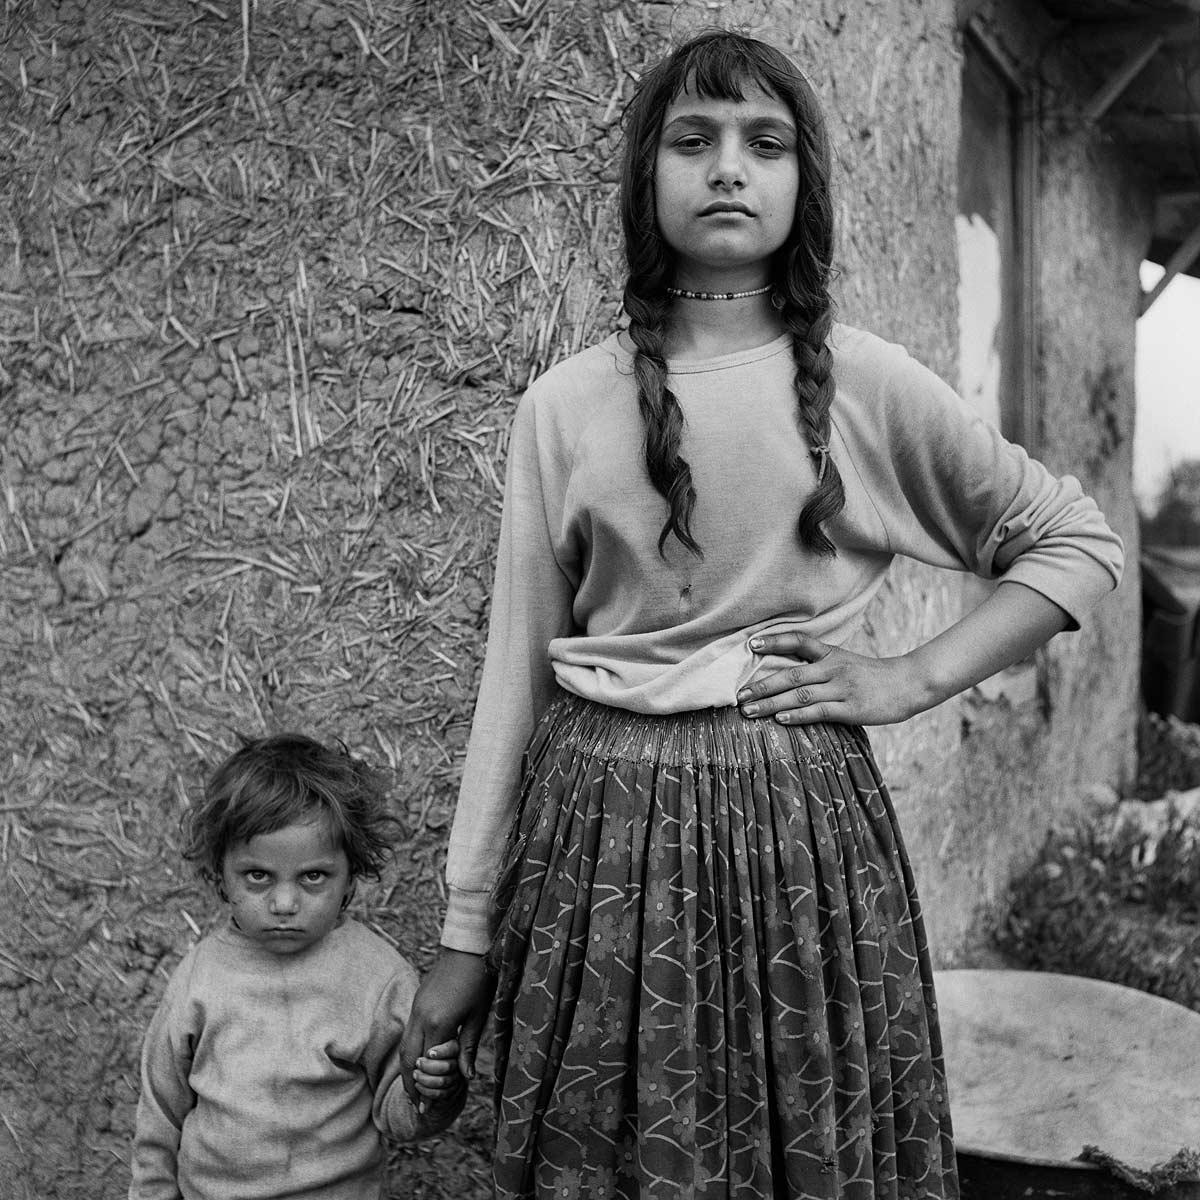 България е и на ромите, българи-юнаци!